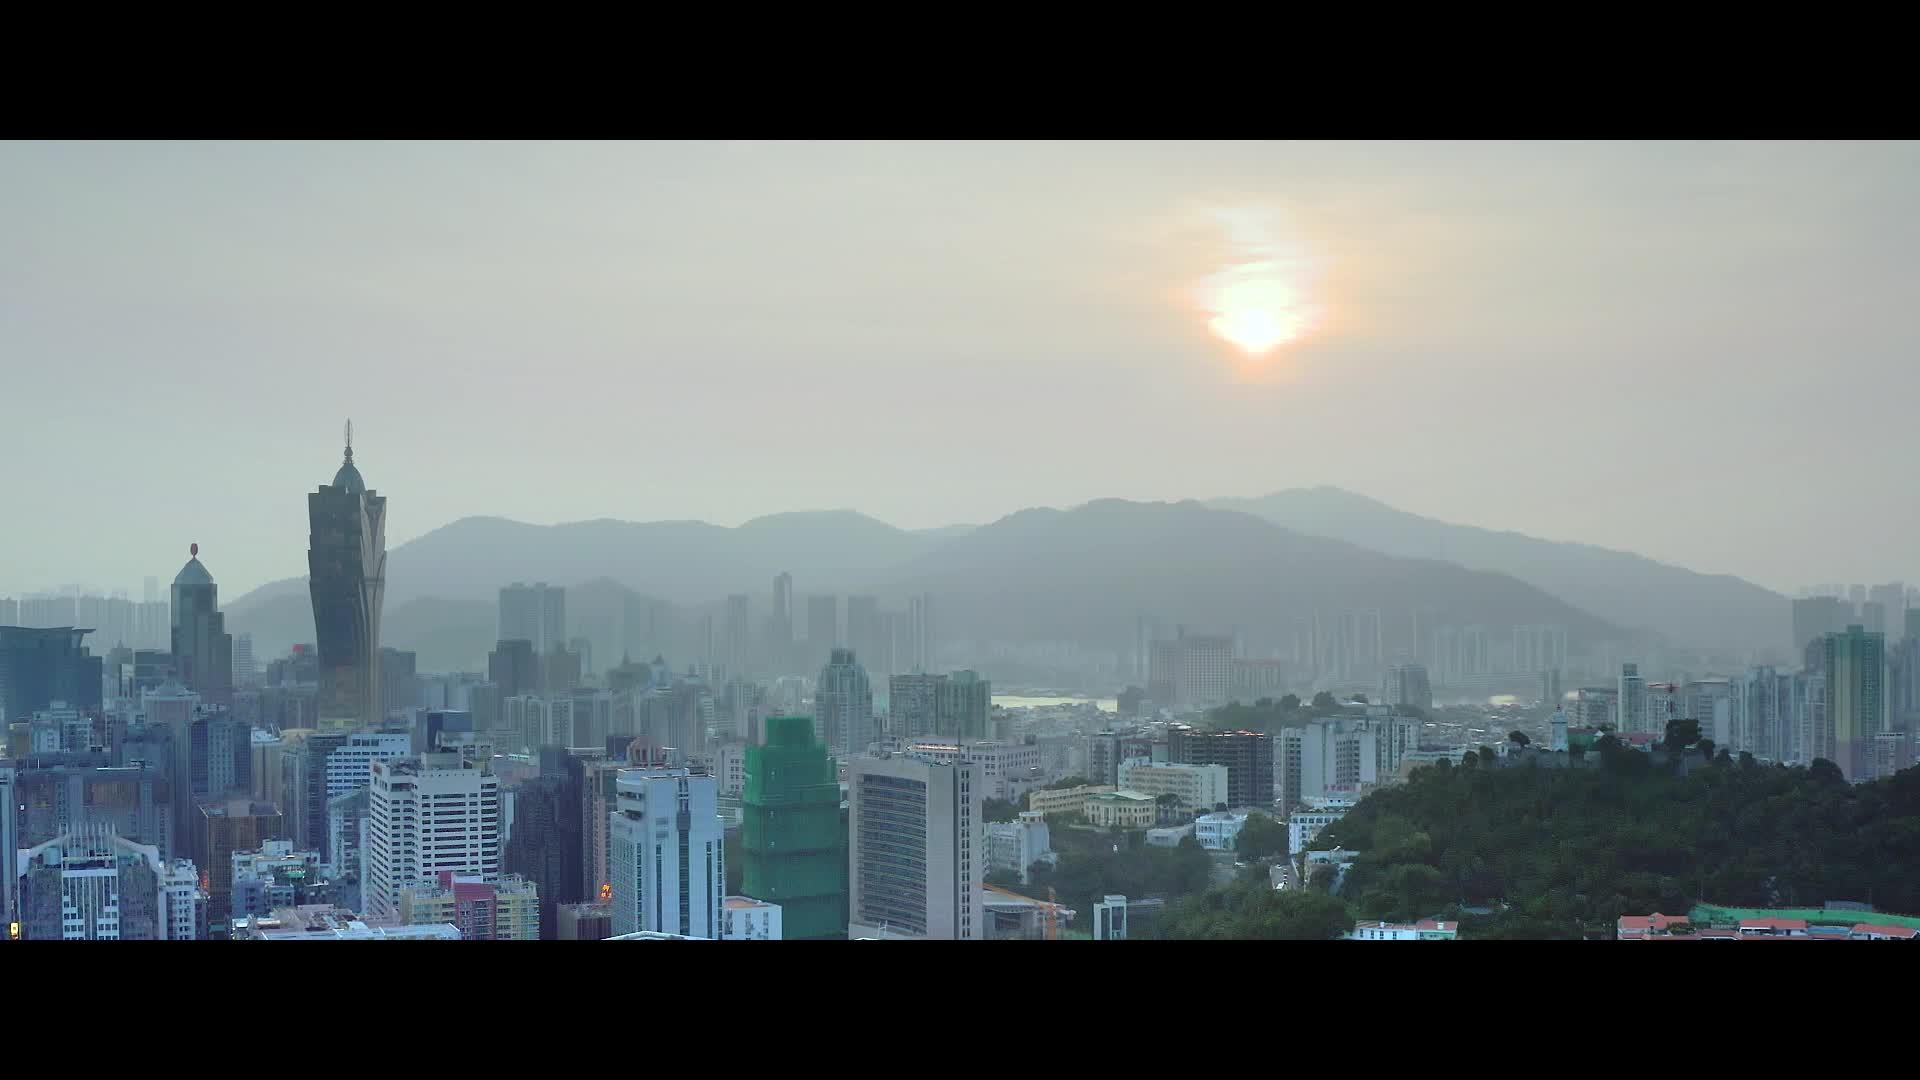 凤凰卫视重磅推出澳门特别行政区成立20周年宣传片